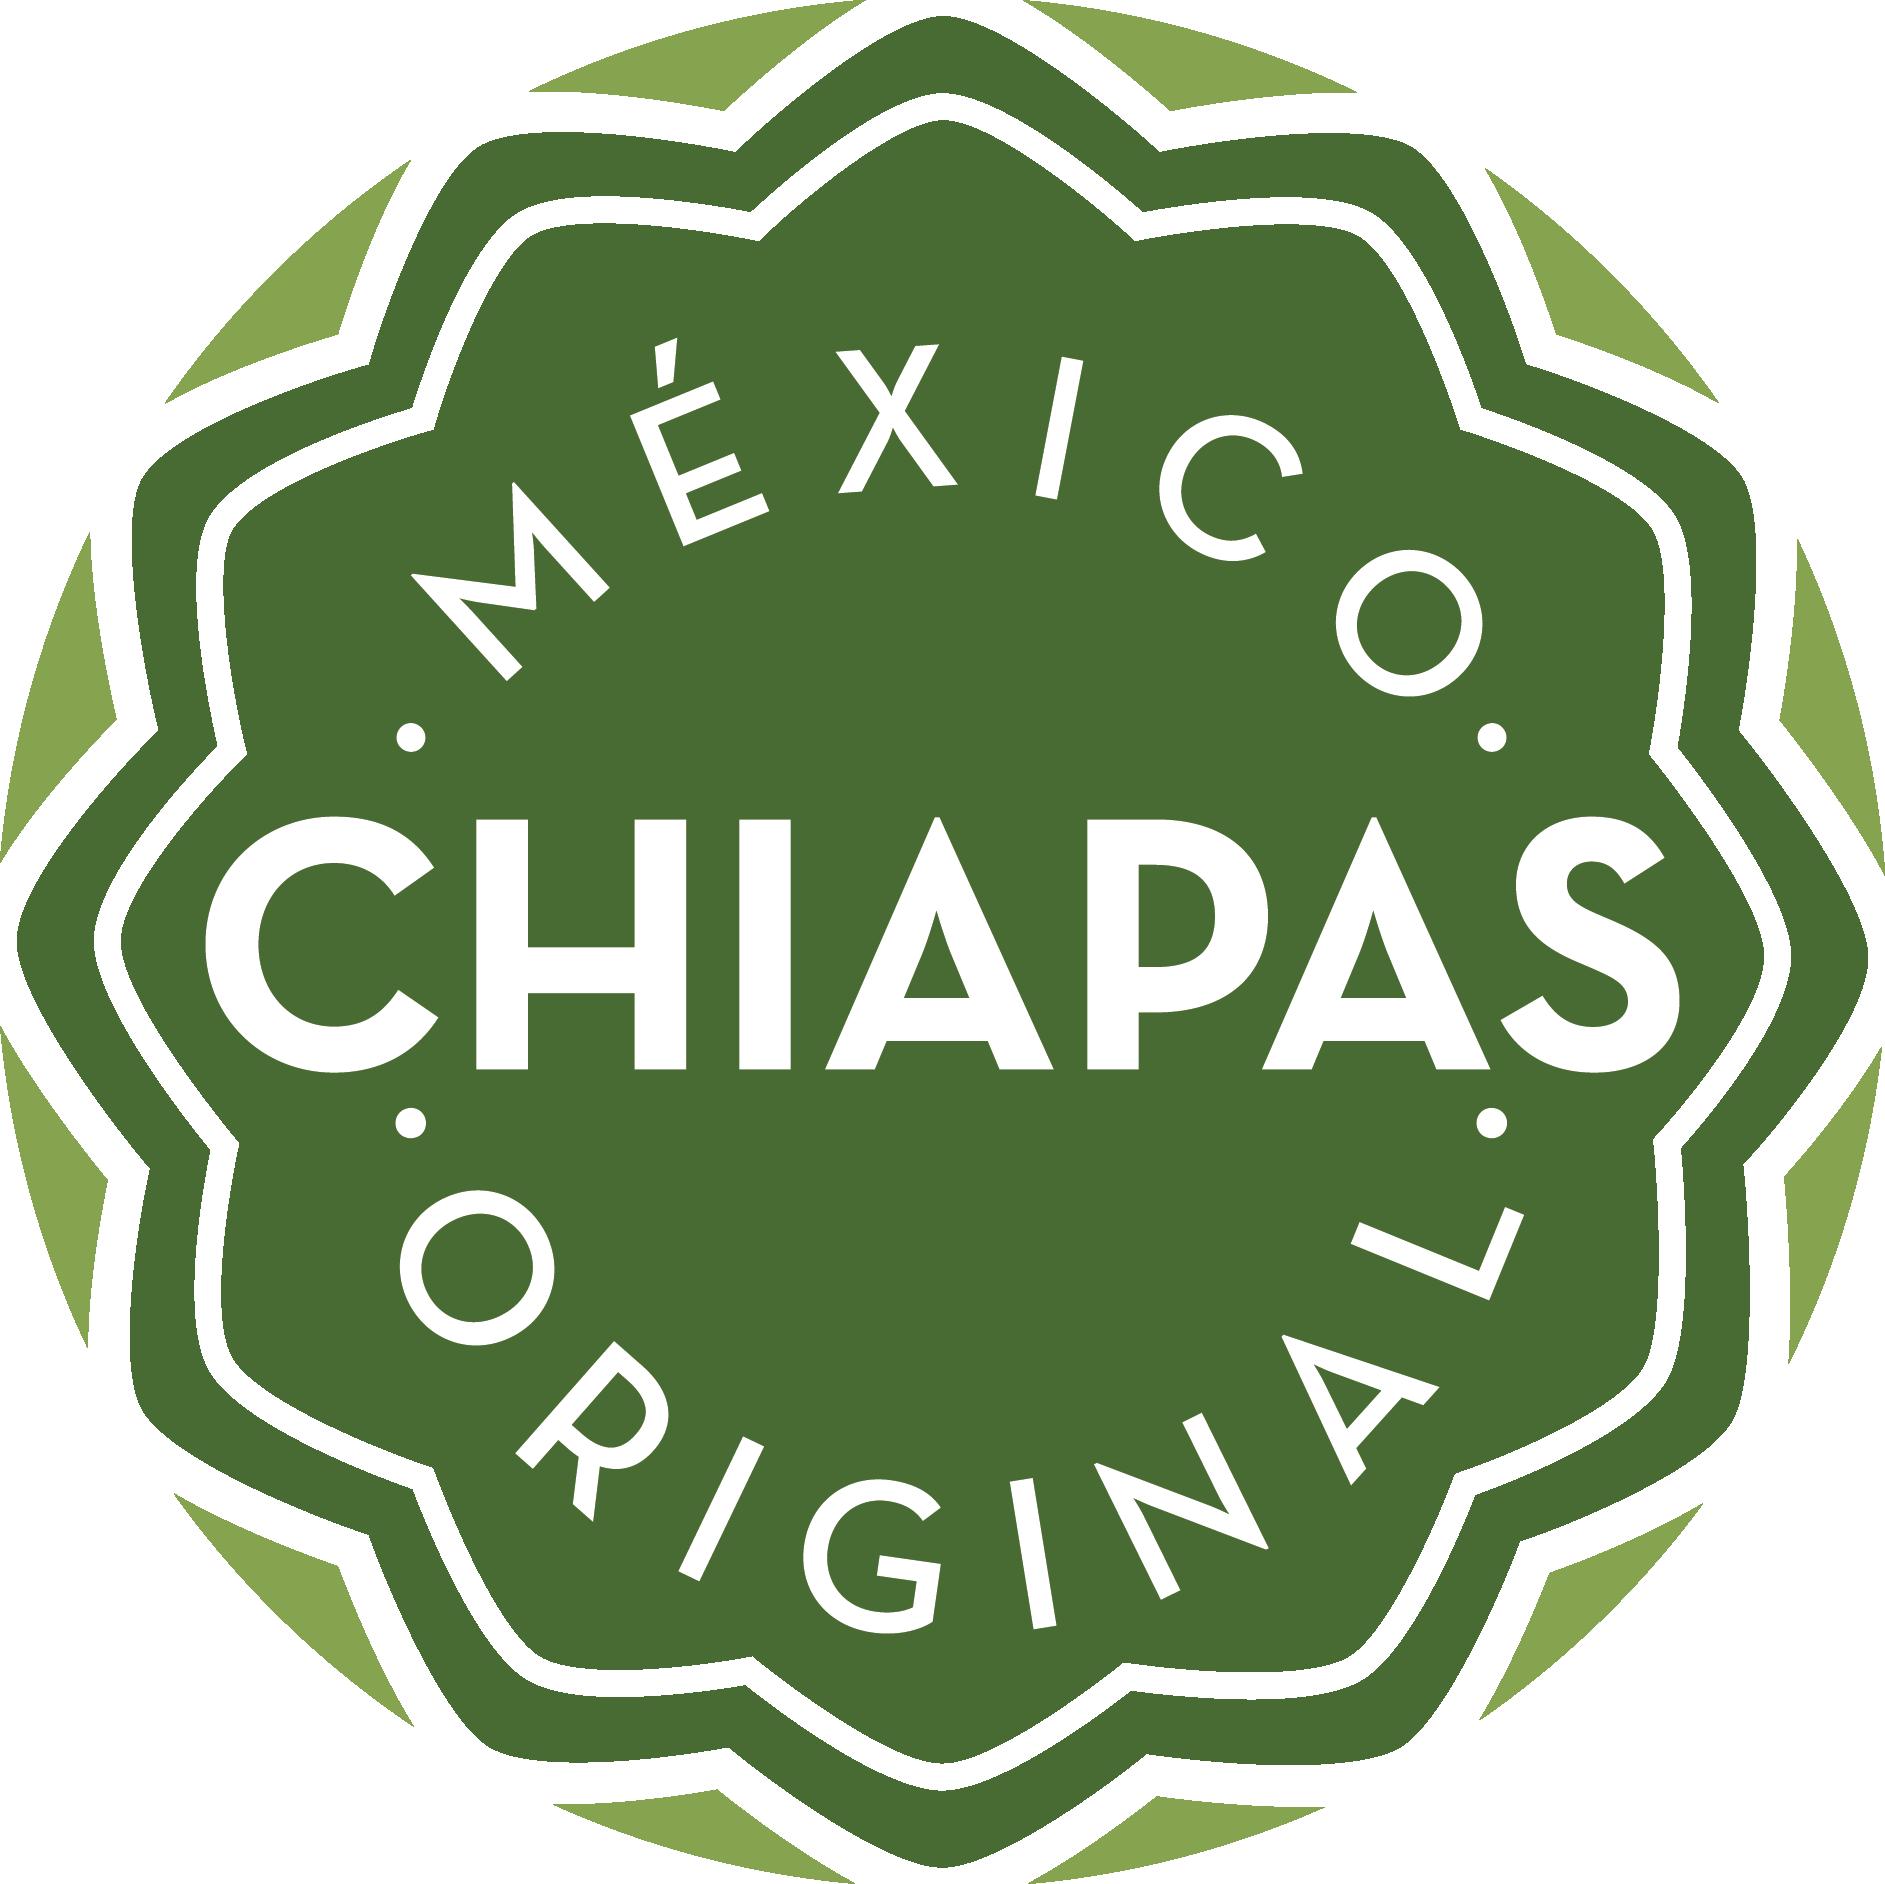 Sello de calidad Marca Chiapas